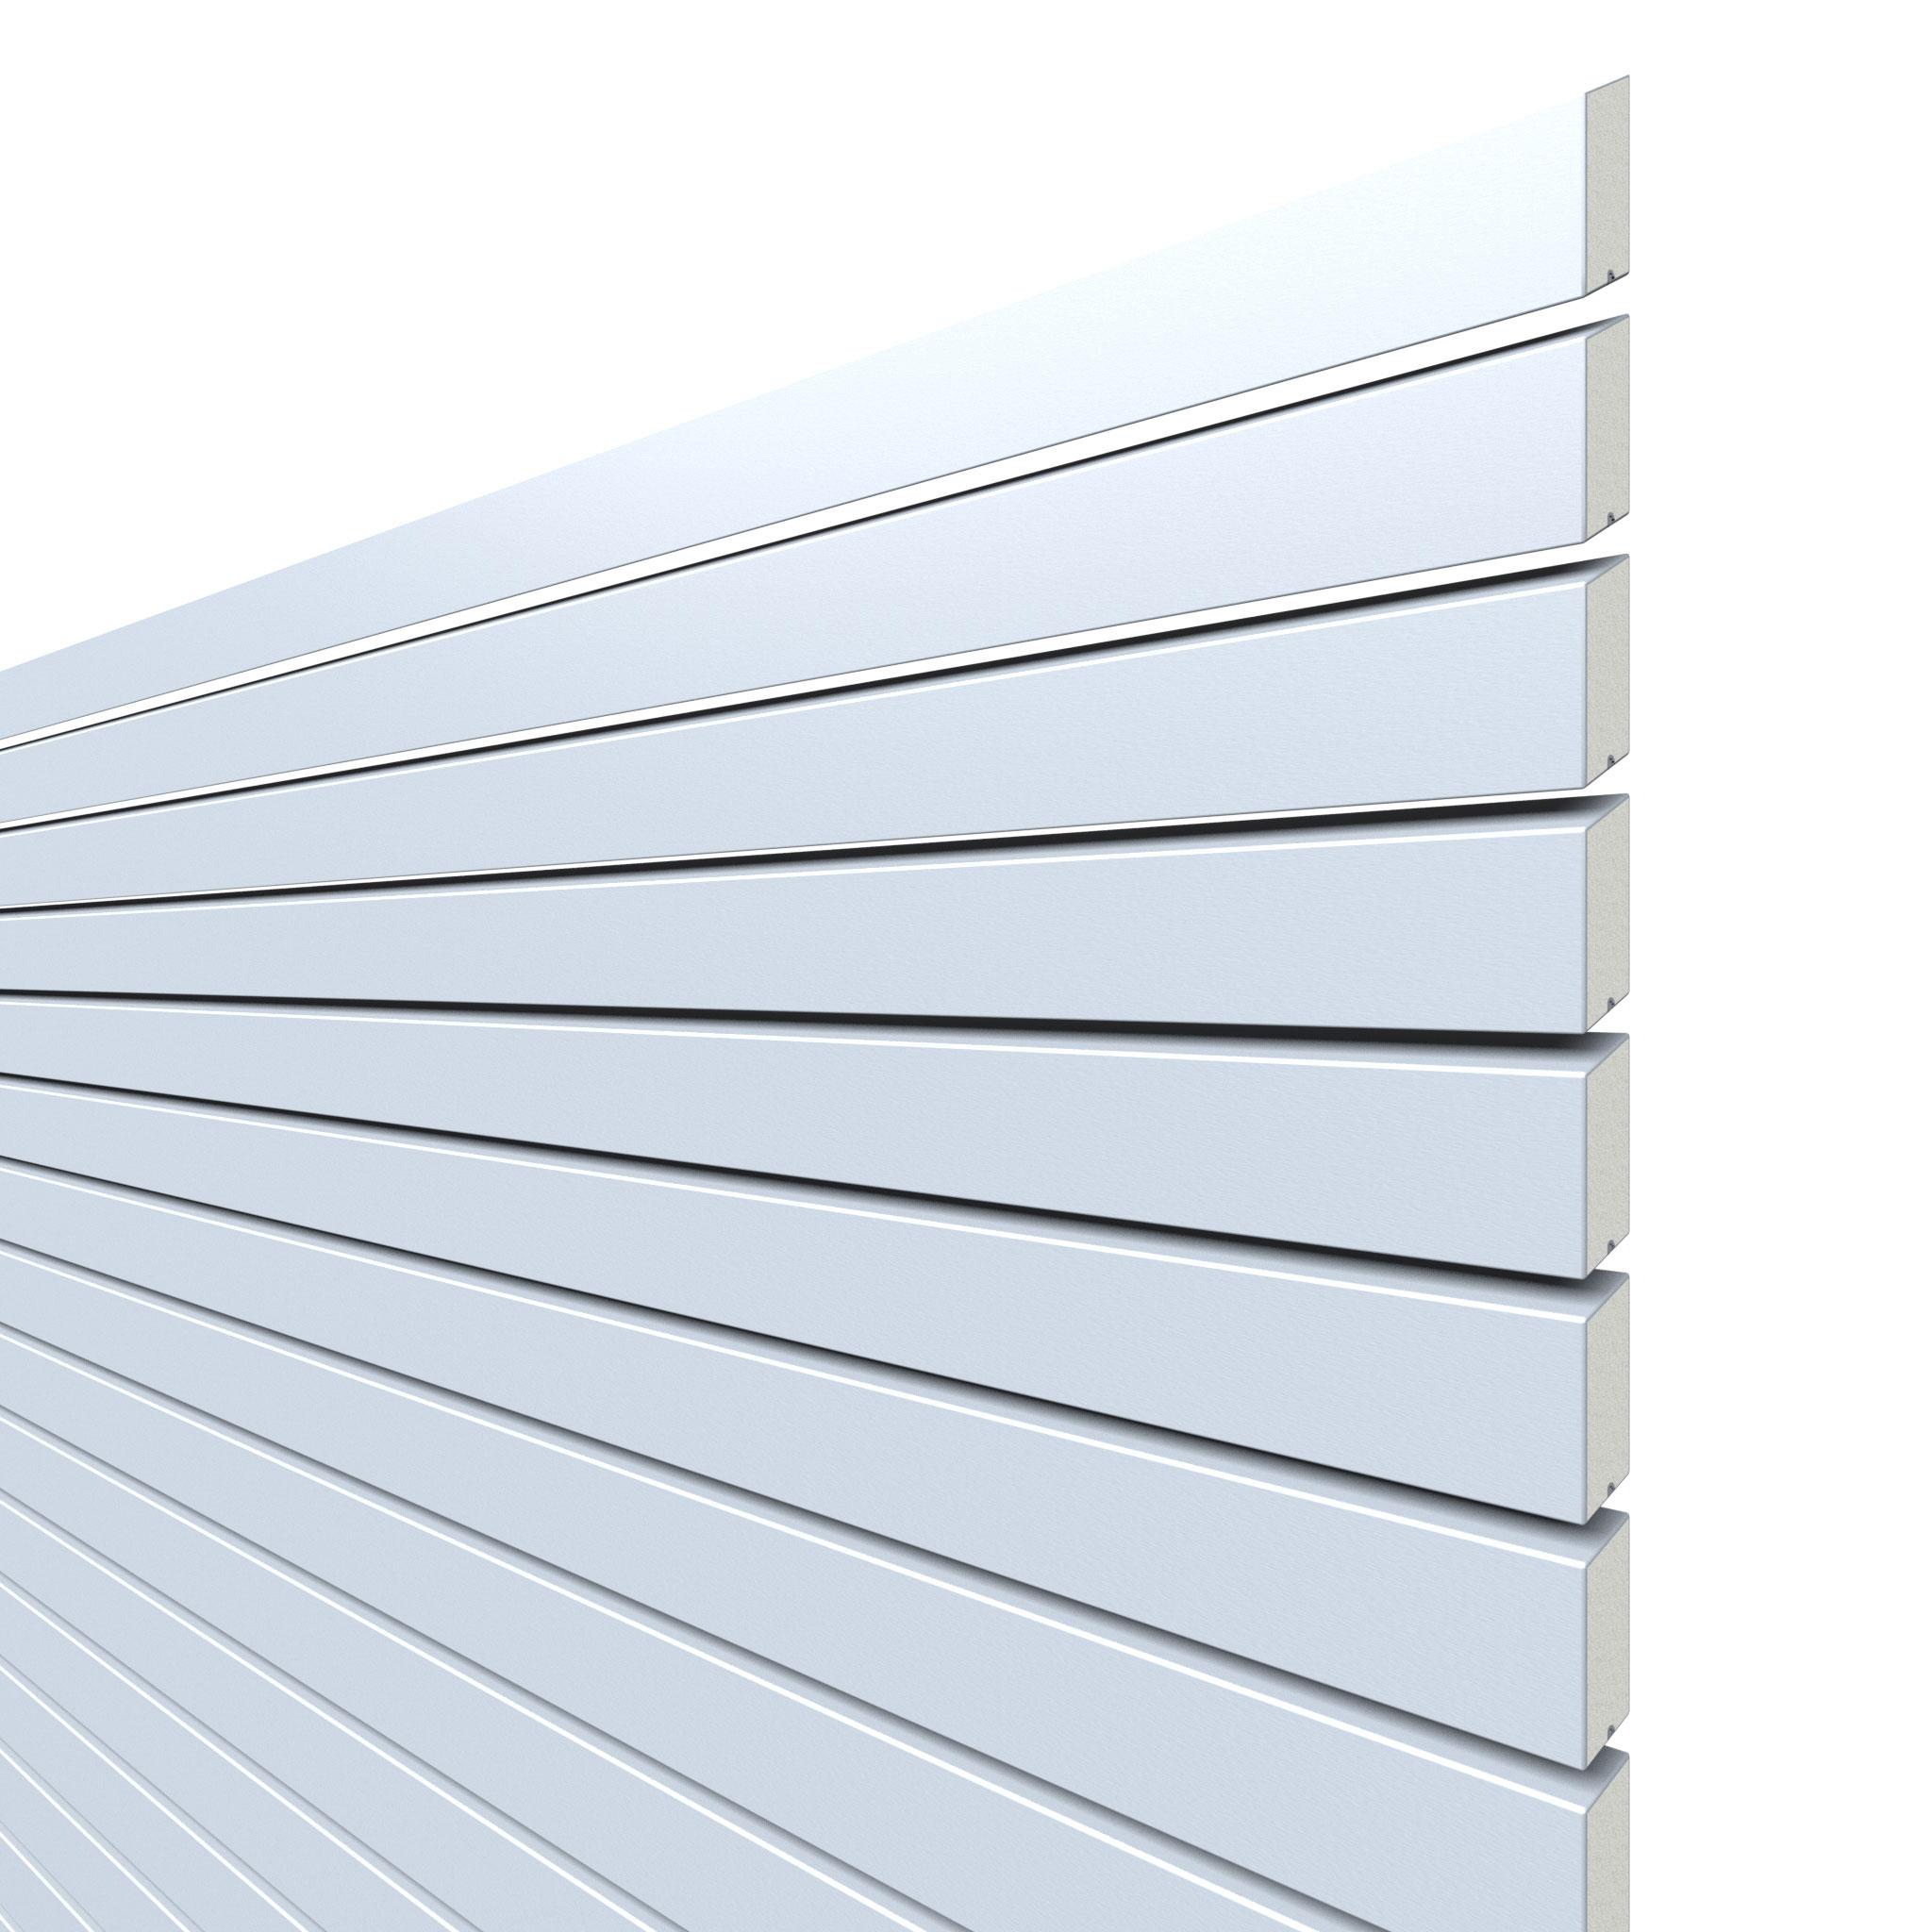 Sichtschutzzaun Traumgarten System Metall Rhombus silber 180x180cm Bild 1